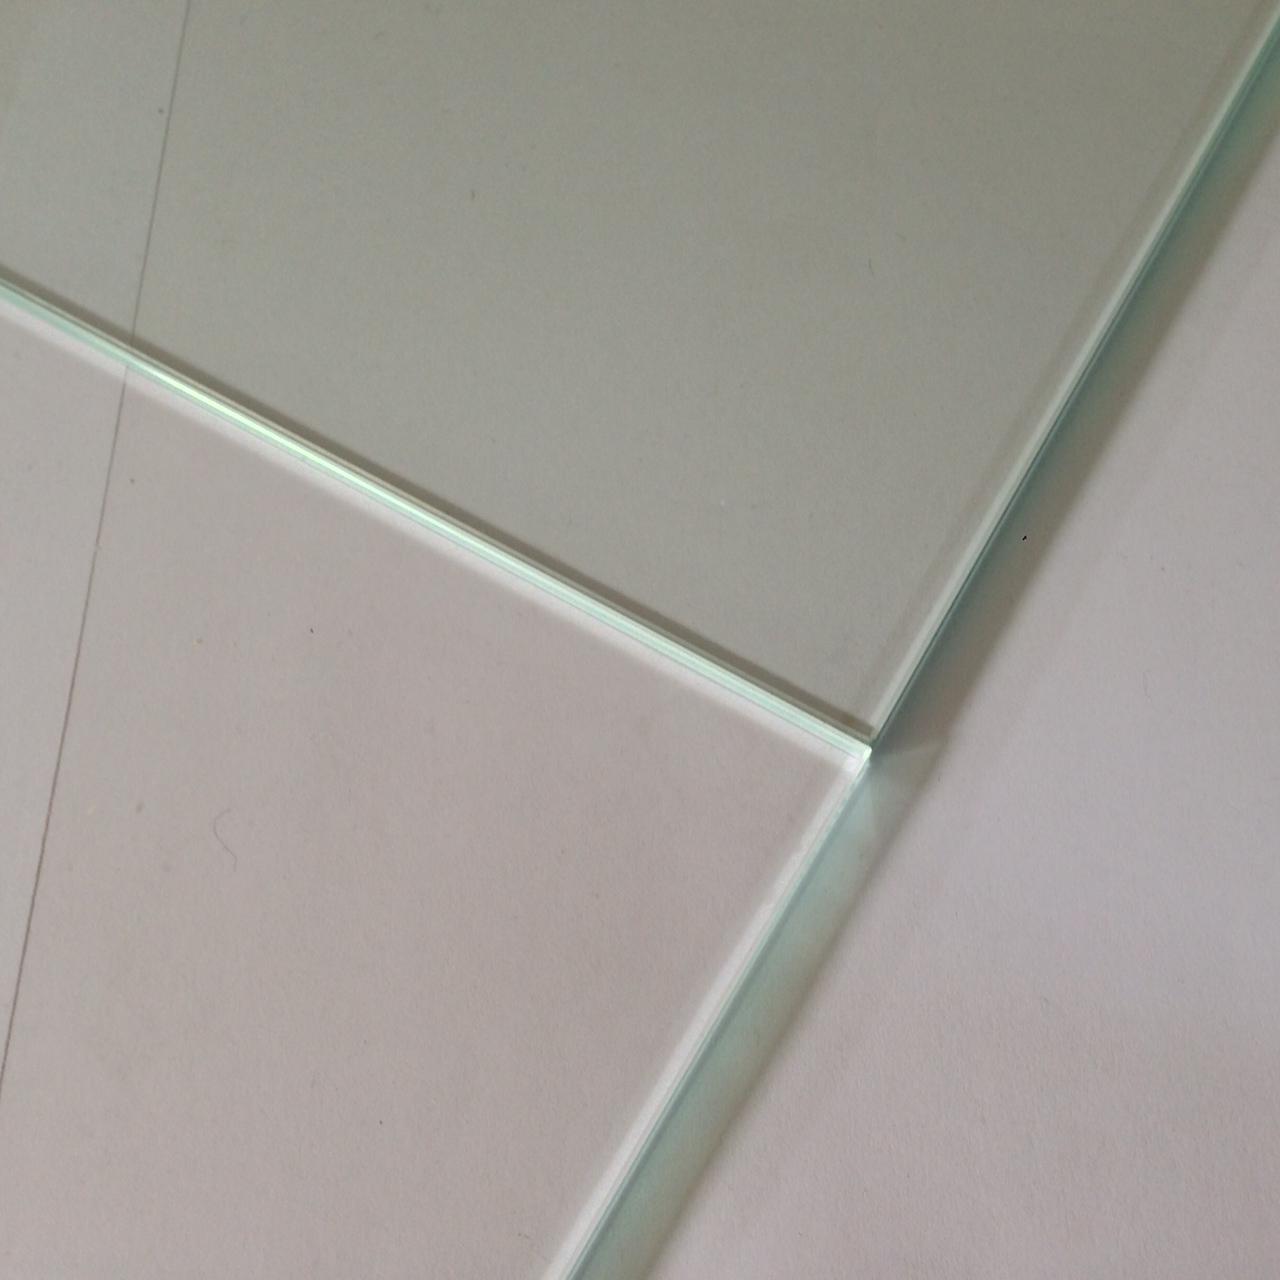 L 39 actualit verres et miroirs - Prix du verre securit ...